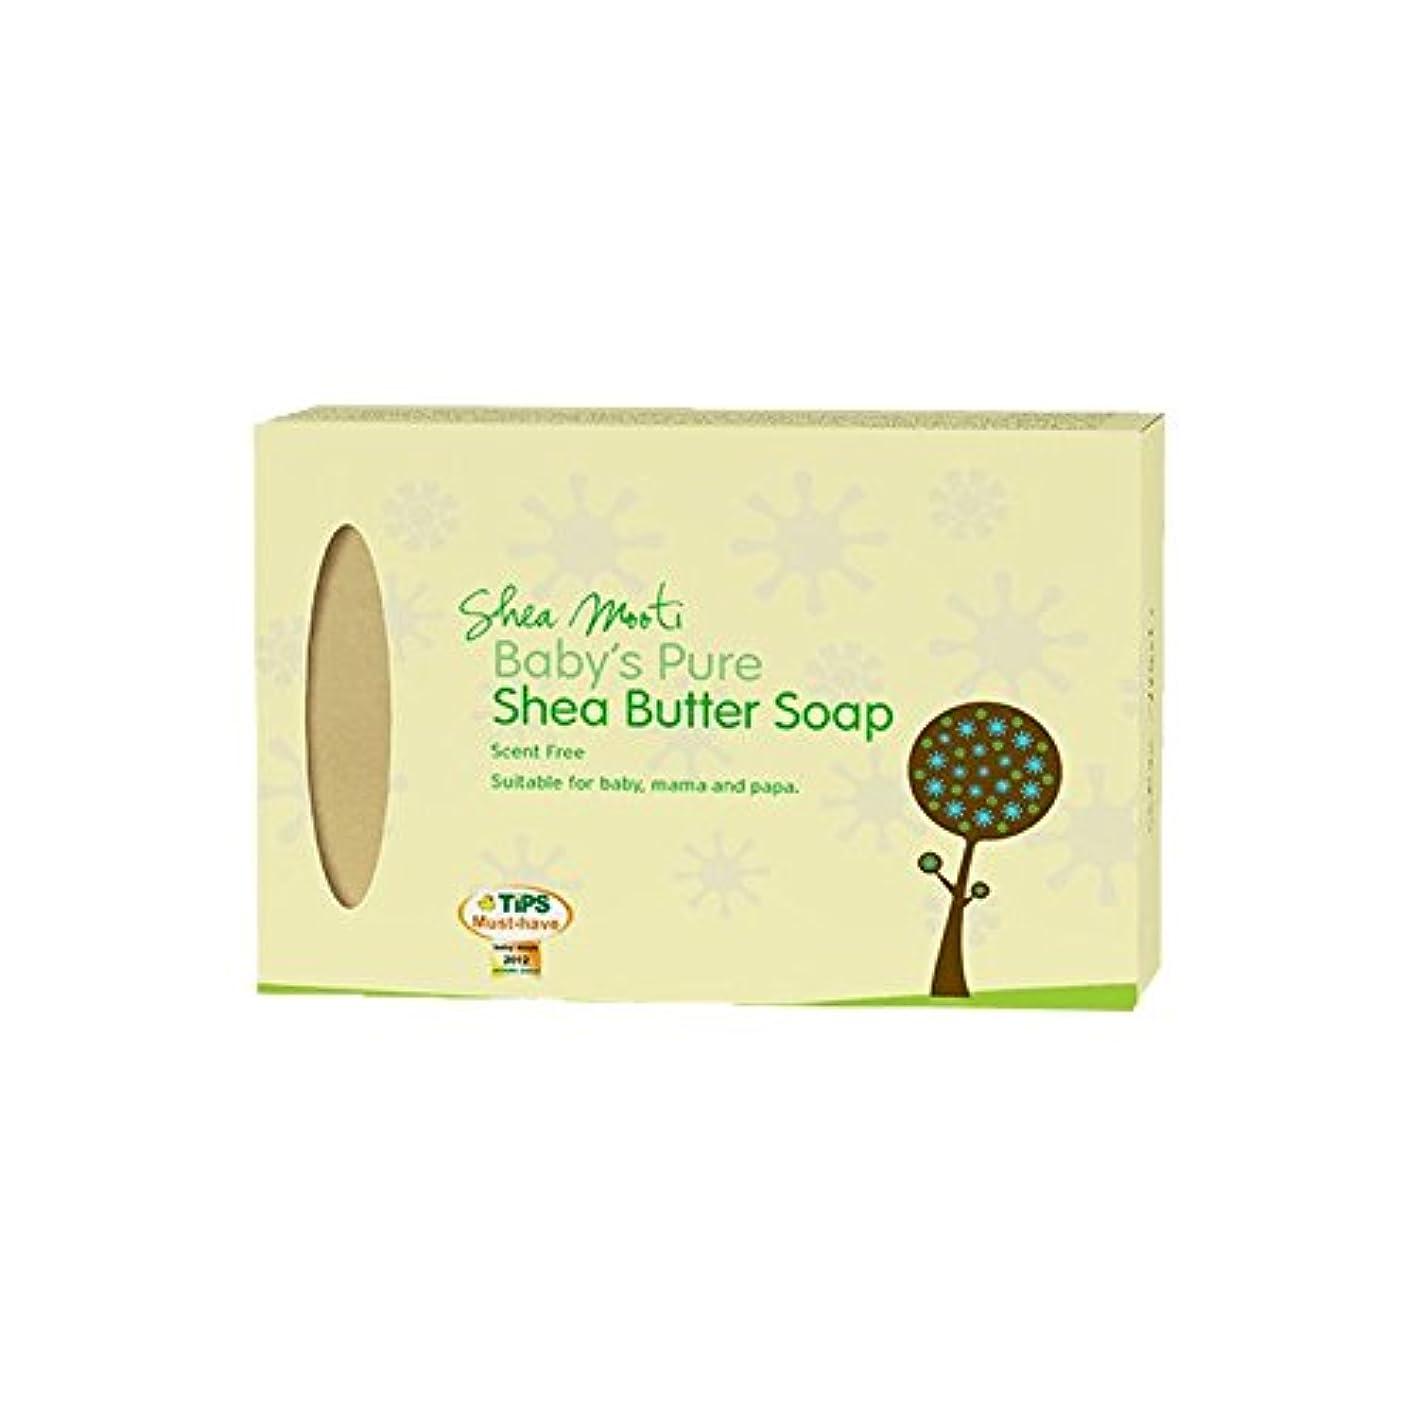 素敵な消費する適度にShea Mooti Baby's Pure Shea Butter Soap Unscented 250ml (Pack of 2) - シアバターMooti赤ちゃんの純粋なシアバターソープ無香250ミリリットル (x2...